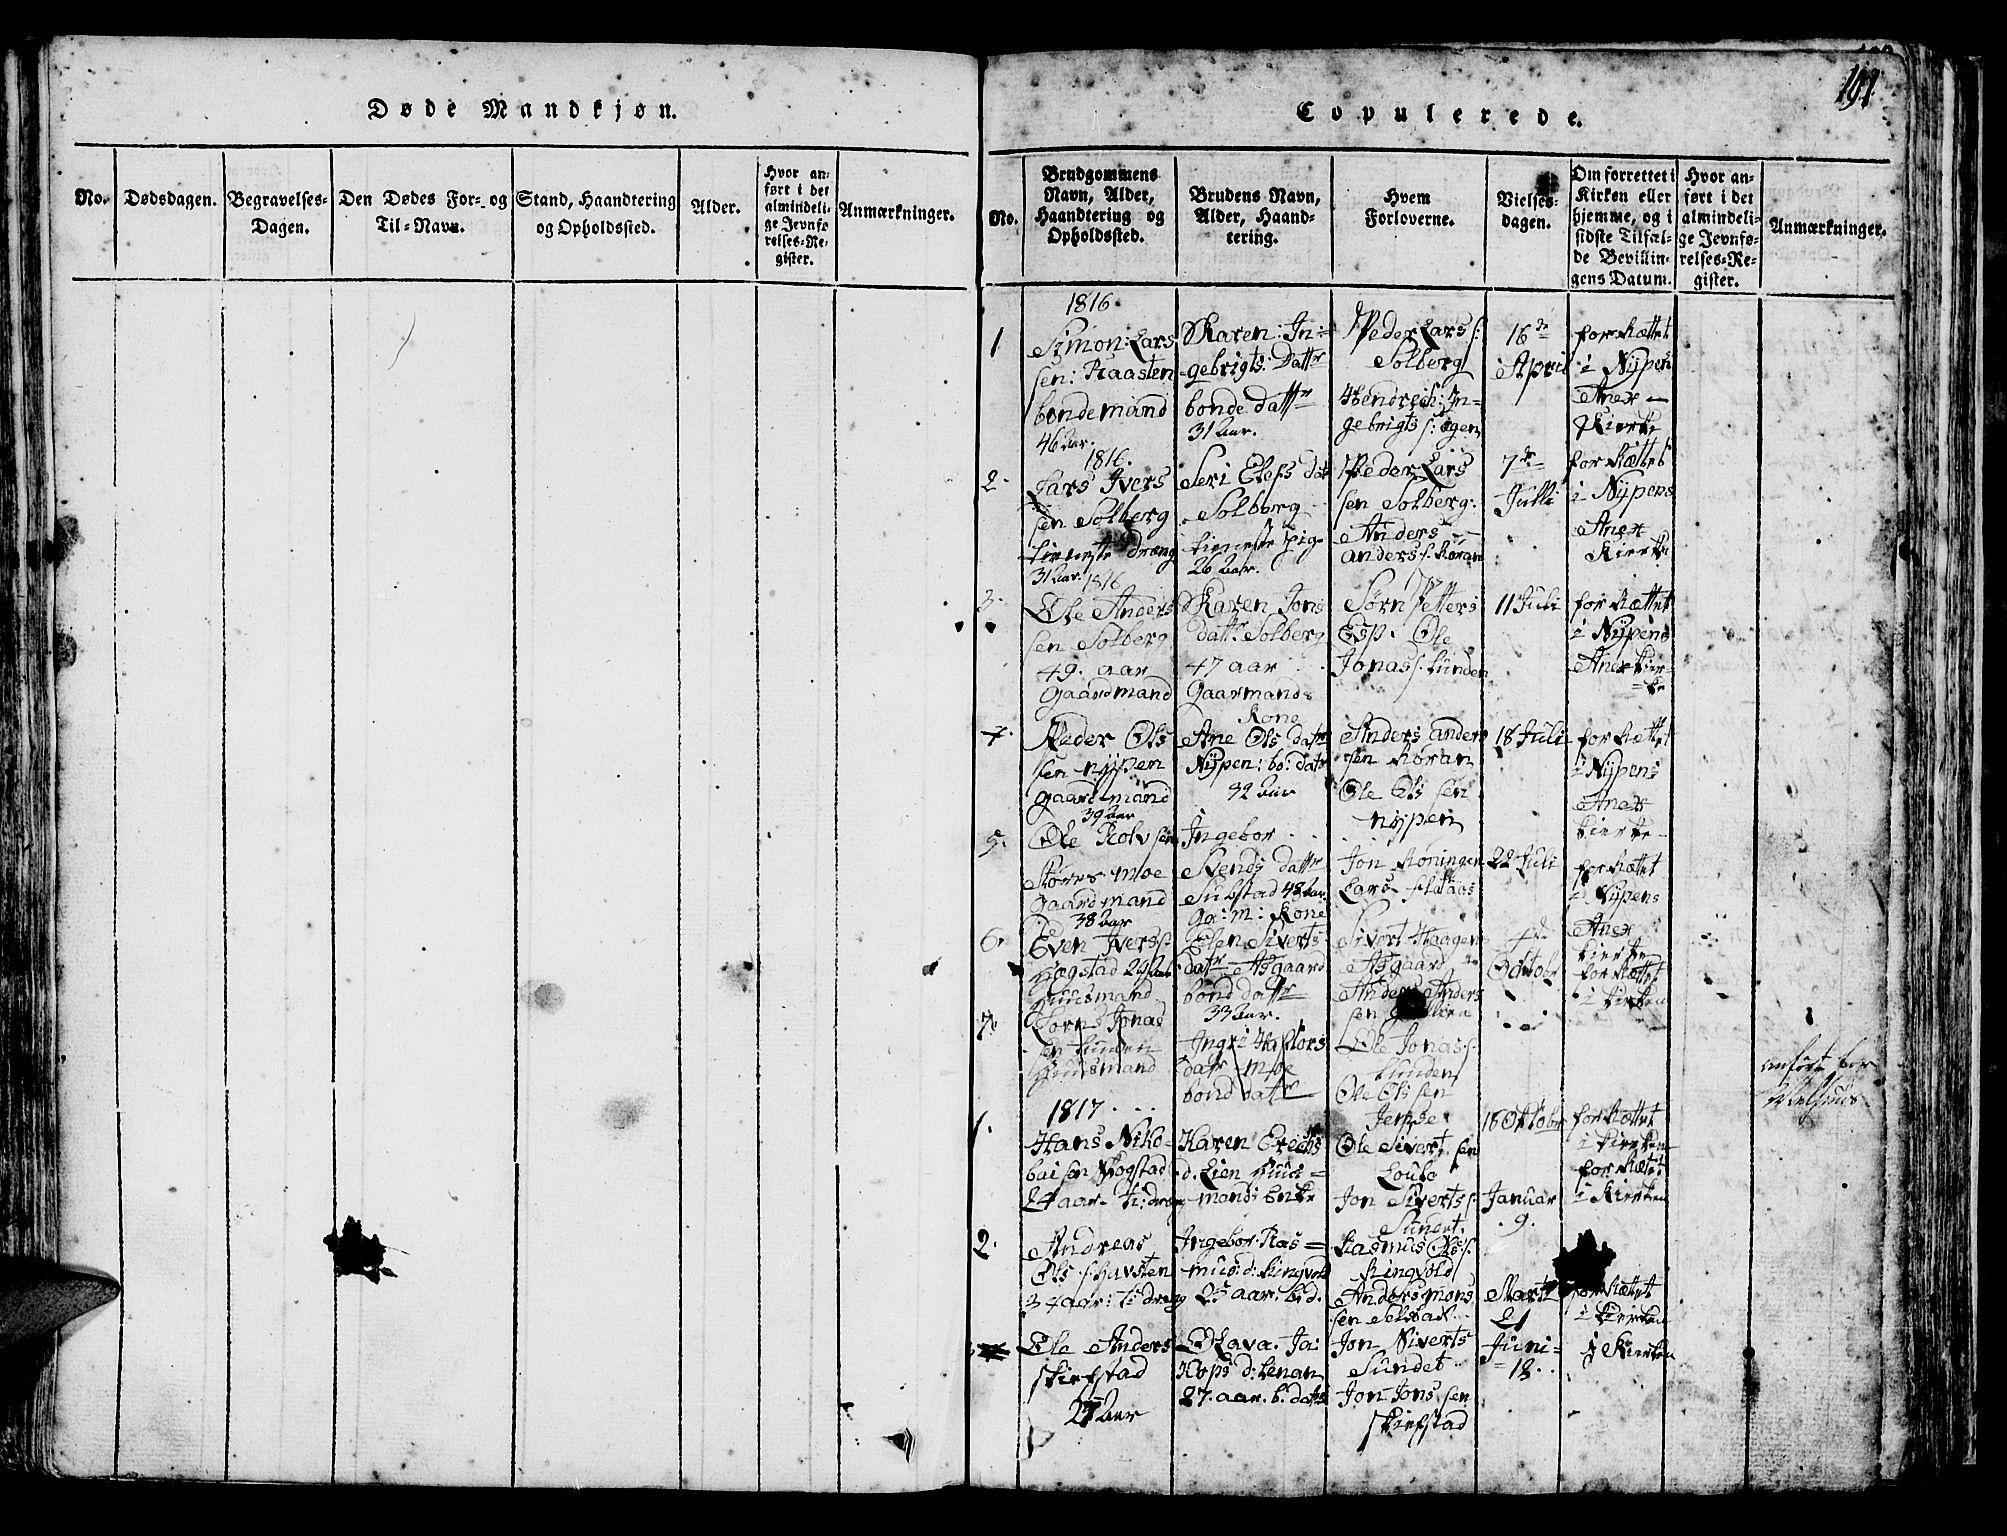 SAT, Ministerialprotokoller, klokkerbøker og fødselsregistre - Sør-Trøndelag, 613/L0393: Klokkerbok nr. 613C01, 1816-1886, s. 191